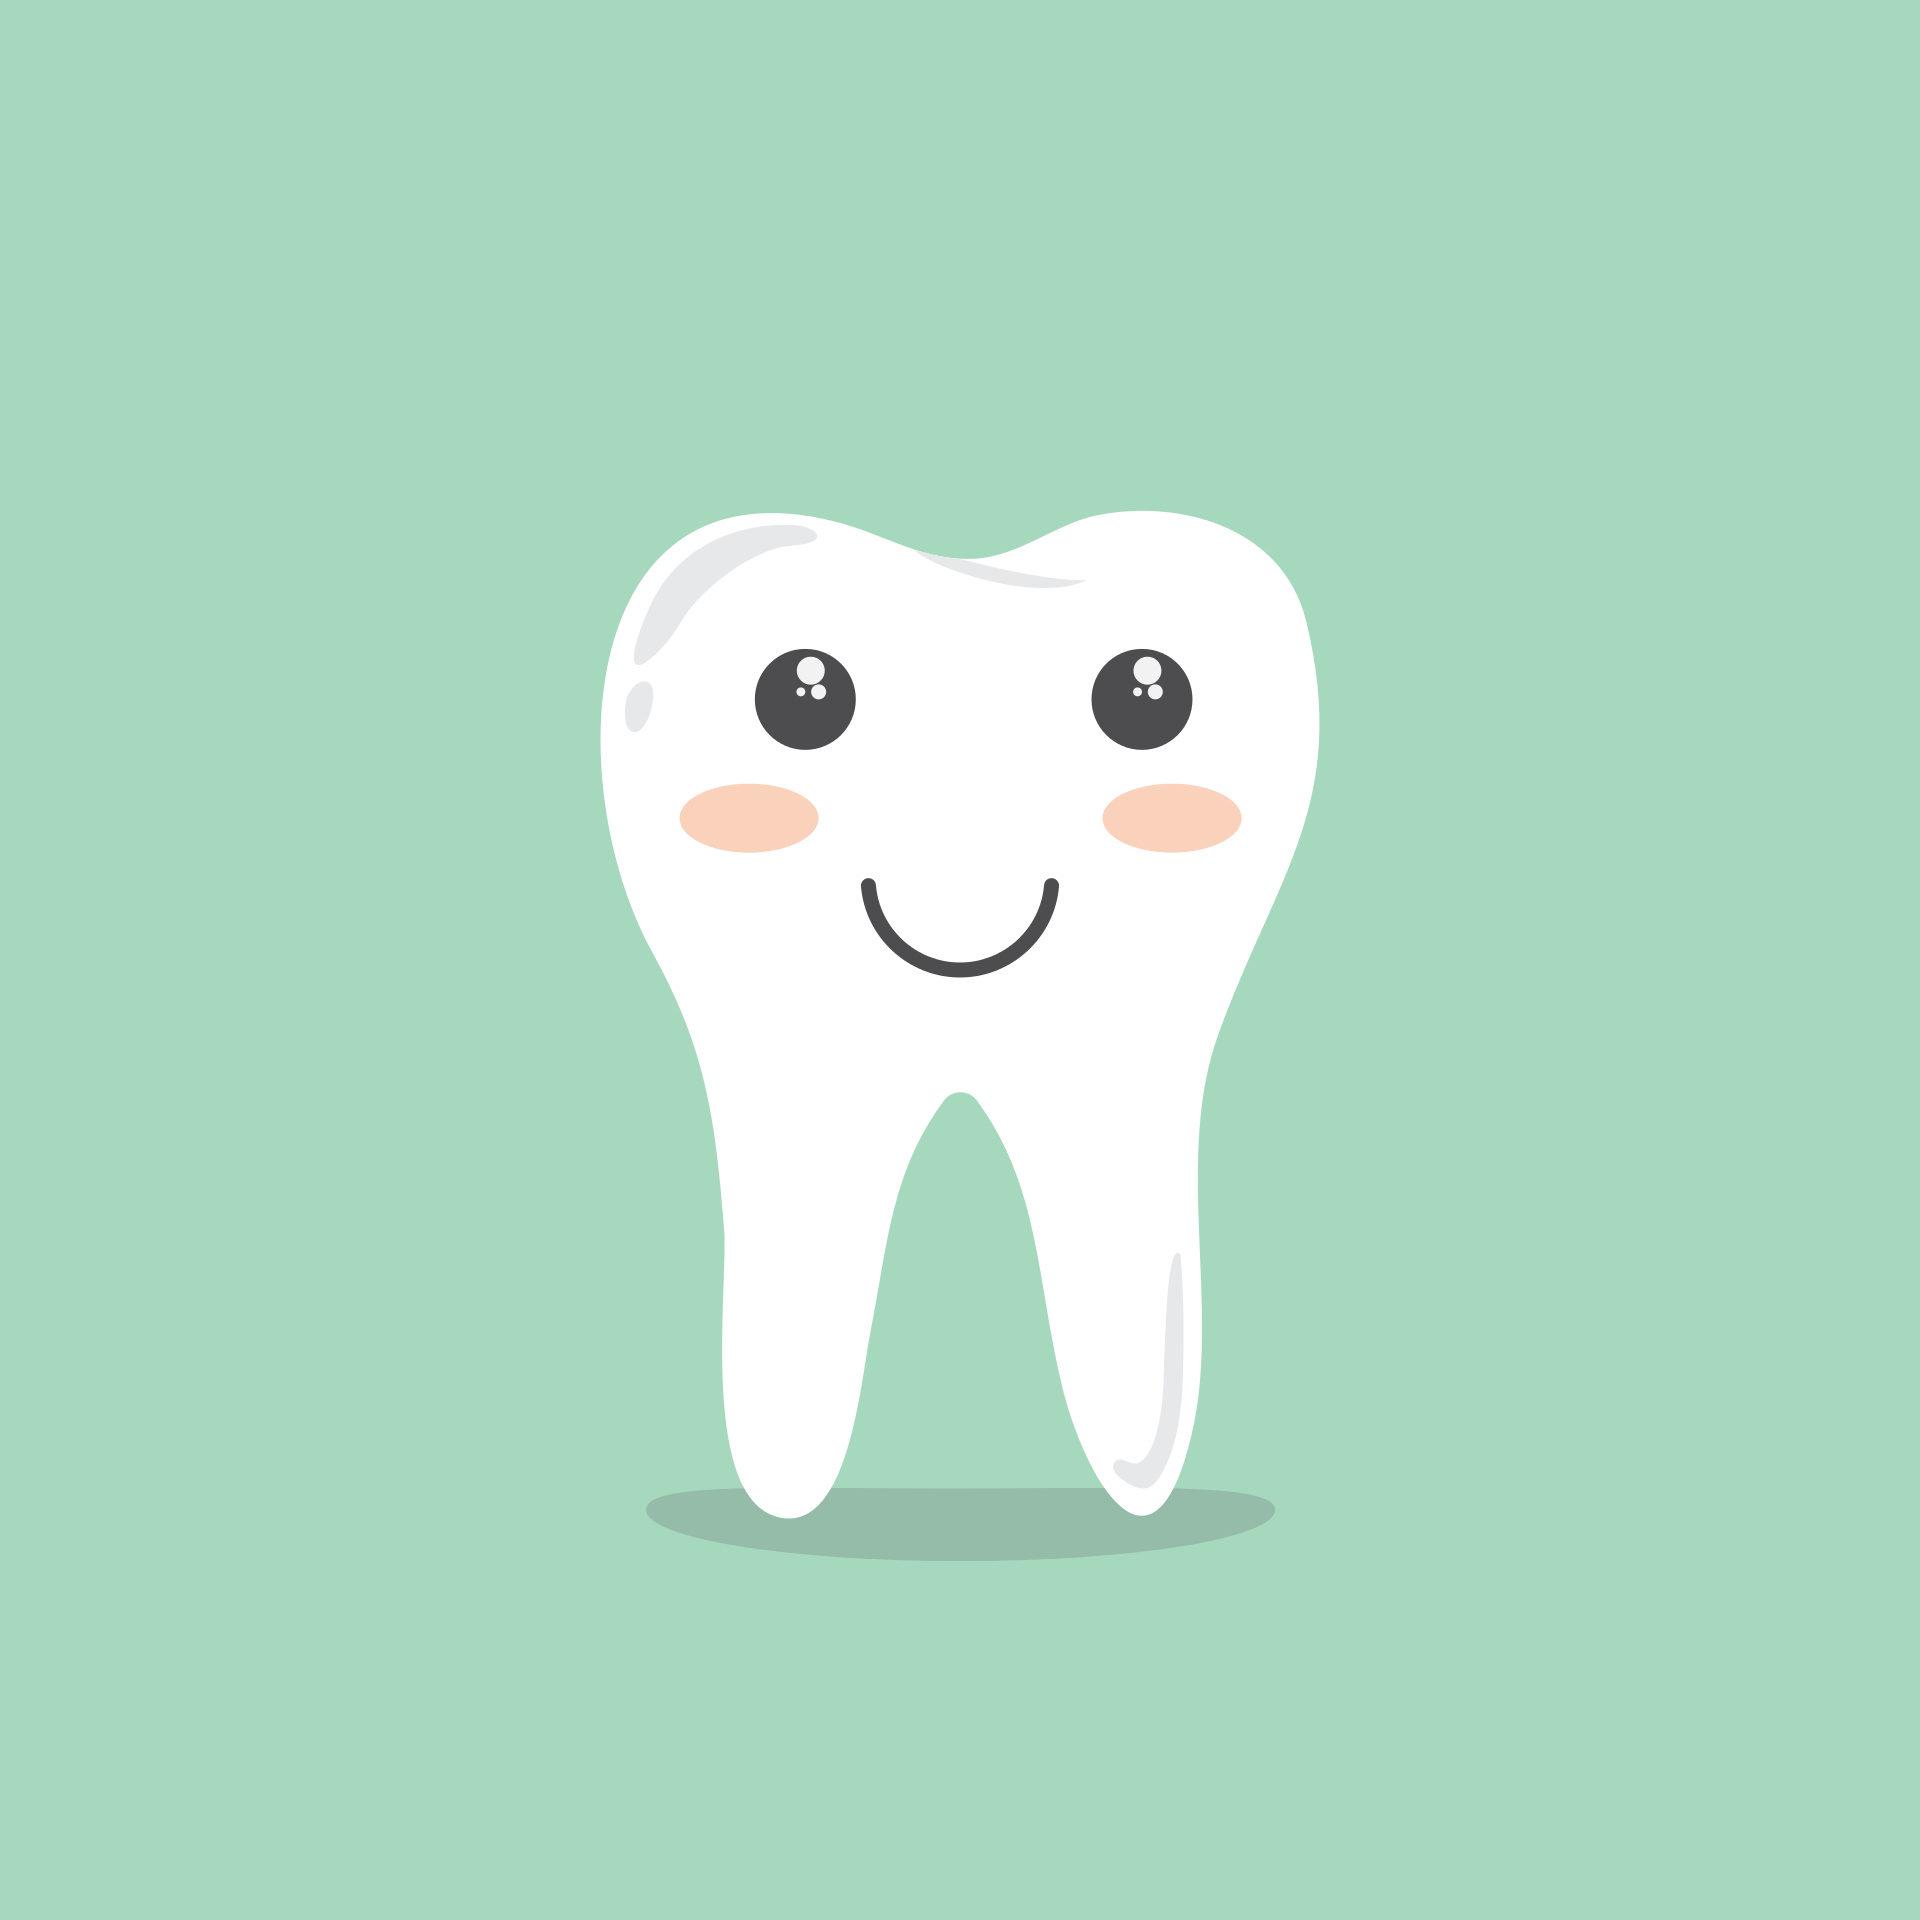 牙齿, 微笑, 眼睛, 砂轮, 漫画 - 高清壁纸 - 教授-falken.com